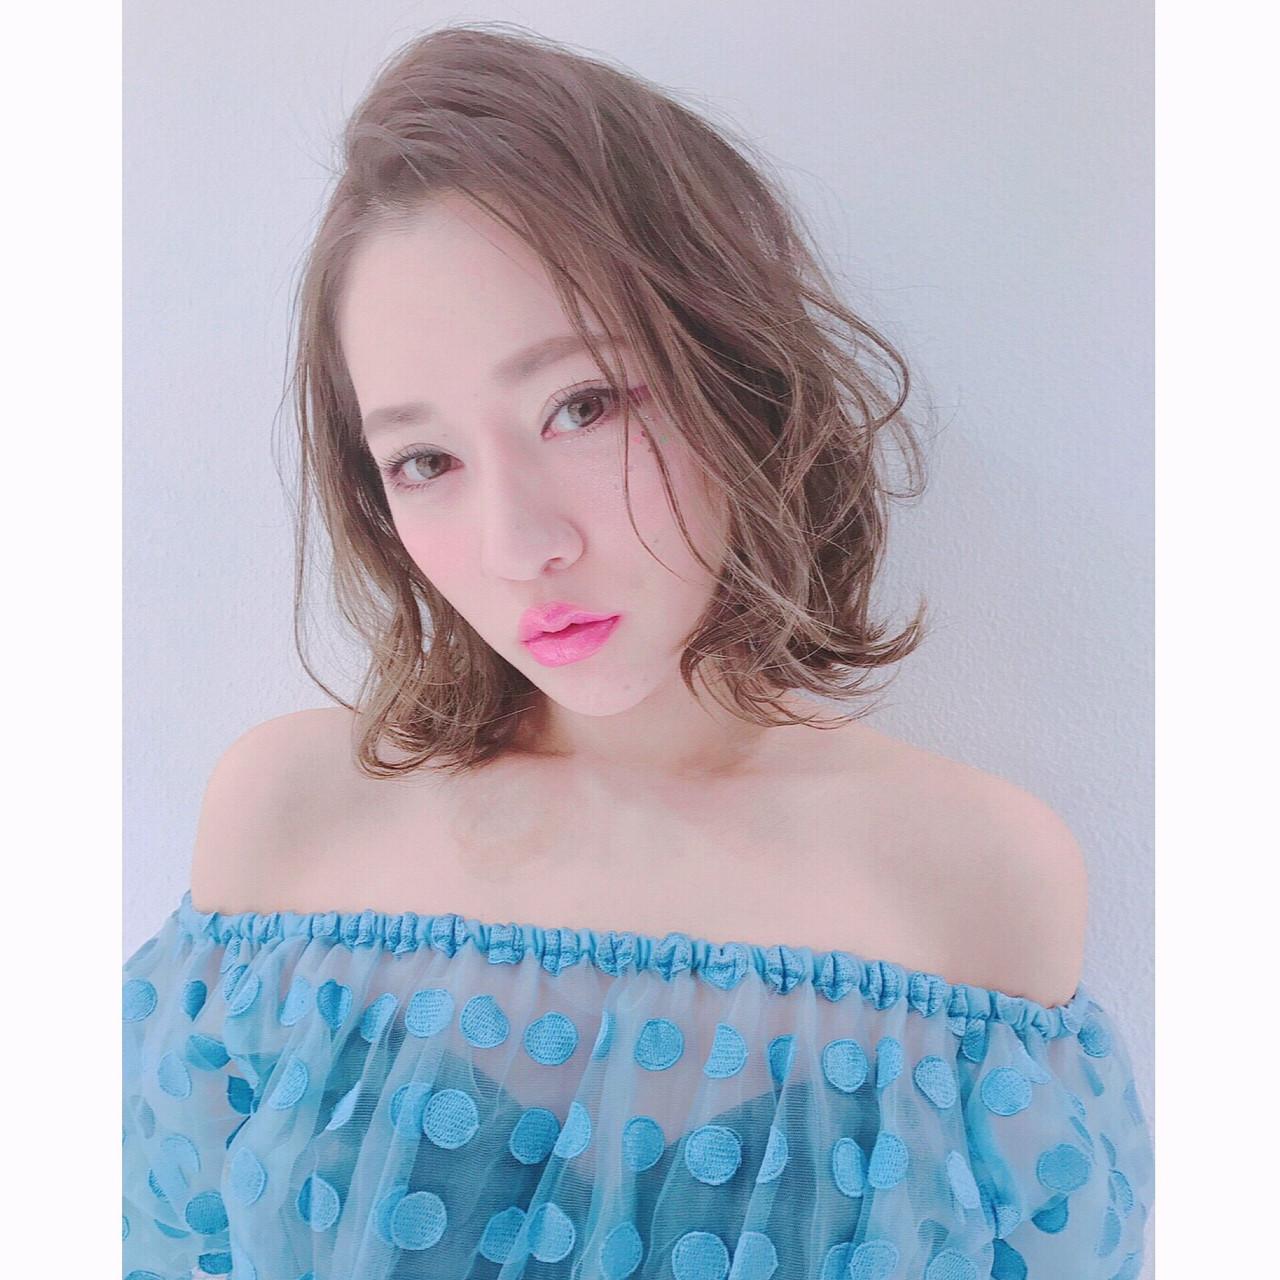 ミルクティー×ピンクカラーのおすすめヘア 槌田美希 インスタ➡︎MIKI_TSUCHIDA | DIFINOakasaka